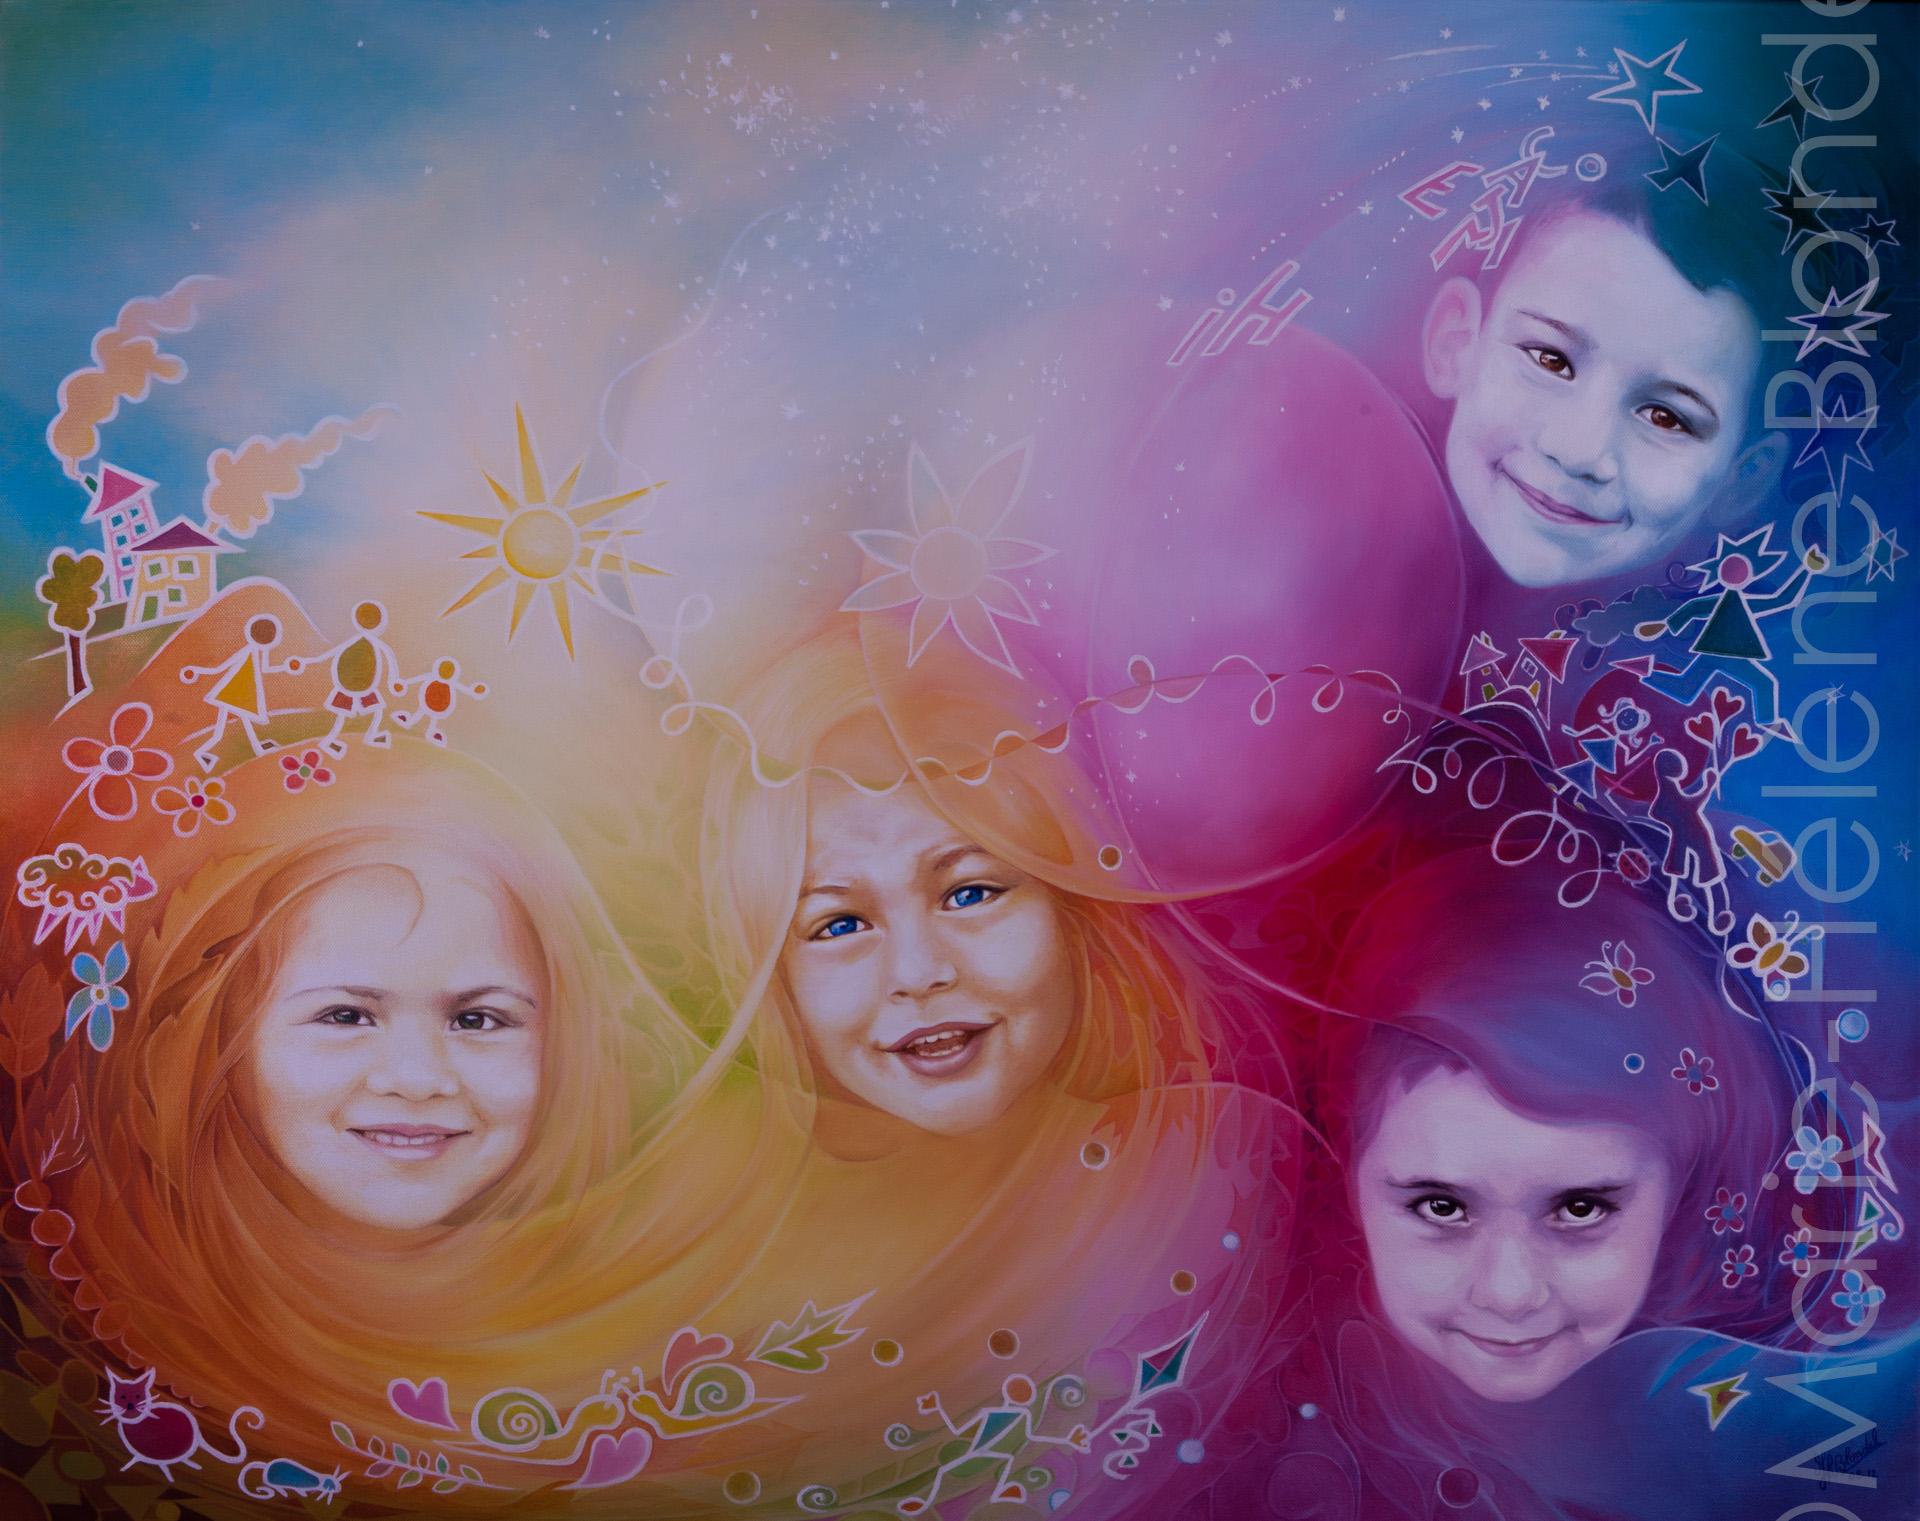 Le monde de l'enfance – 2012 – Huile sur toile – 80 X 100